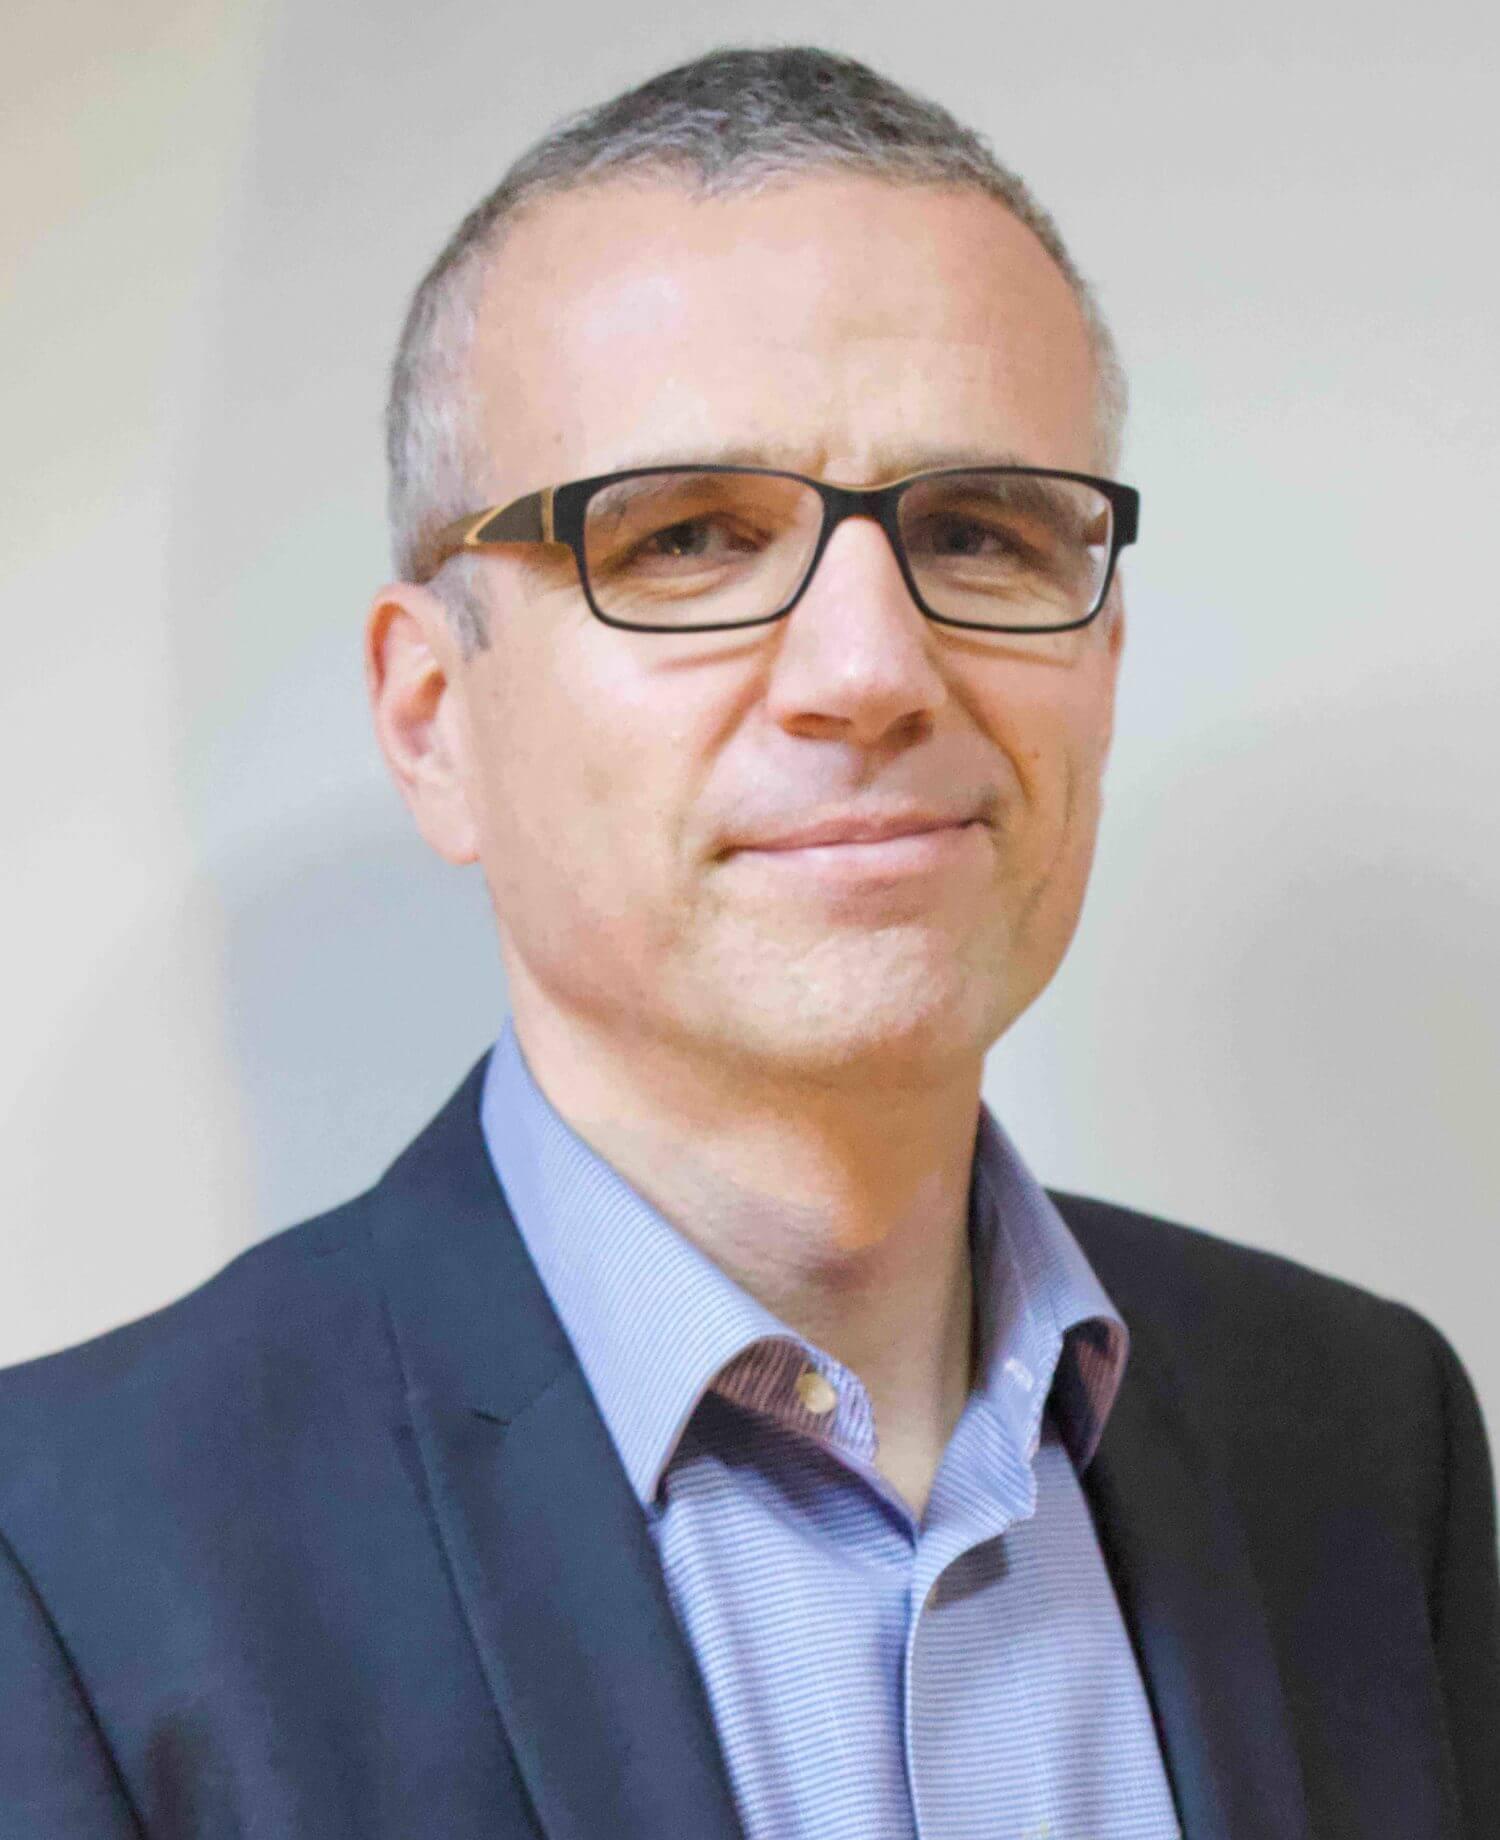 Photo du coach professionnel et formateur Loïc Delcros